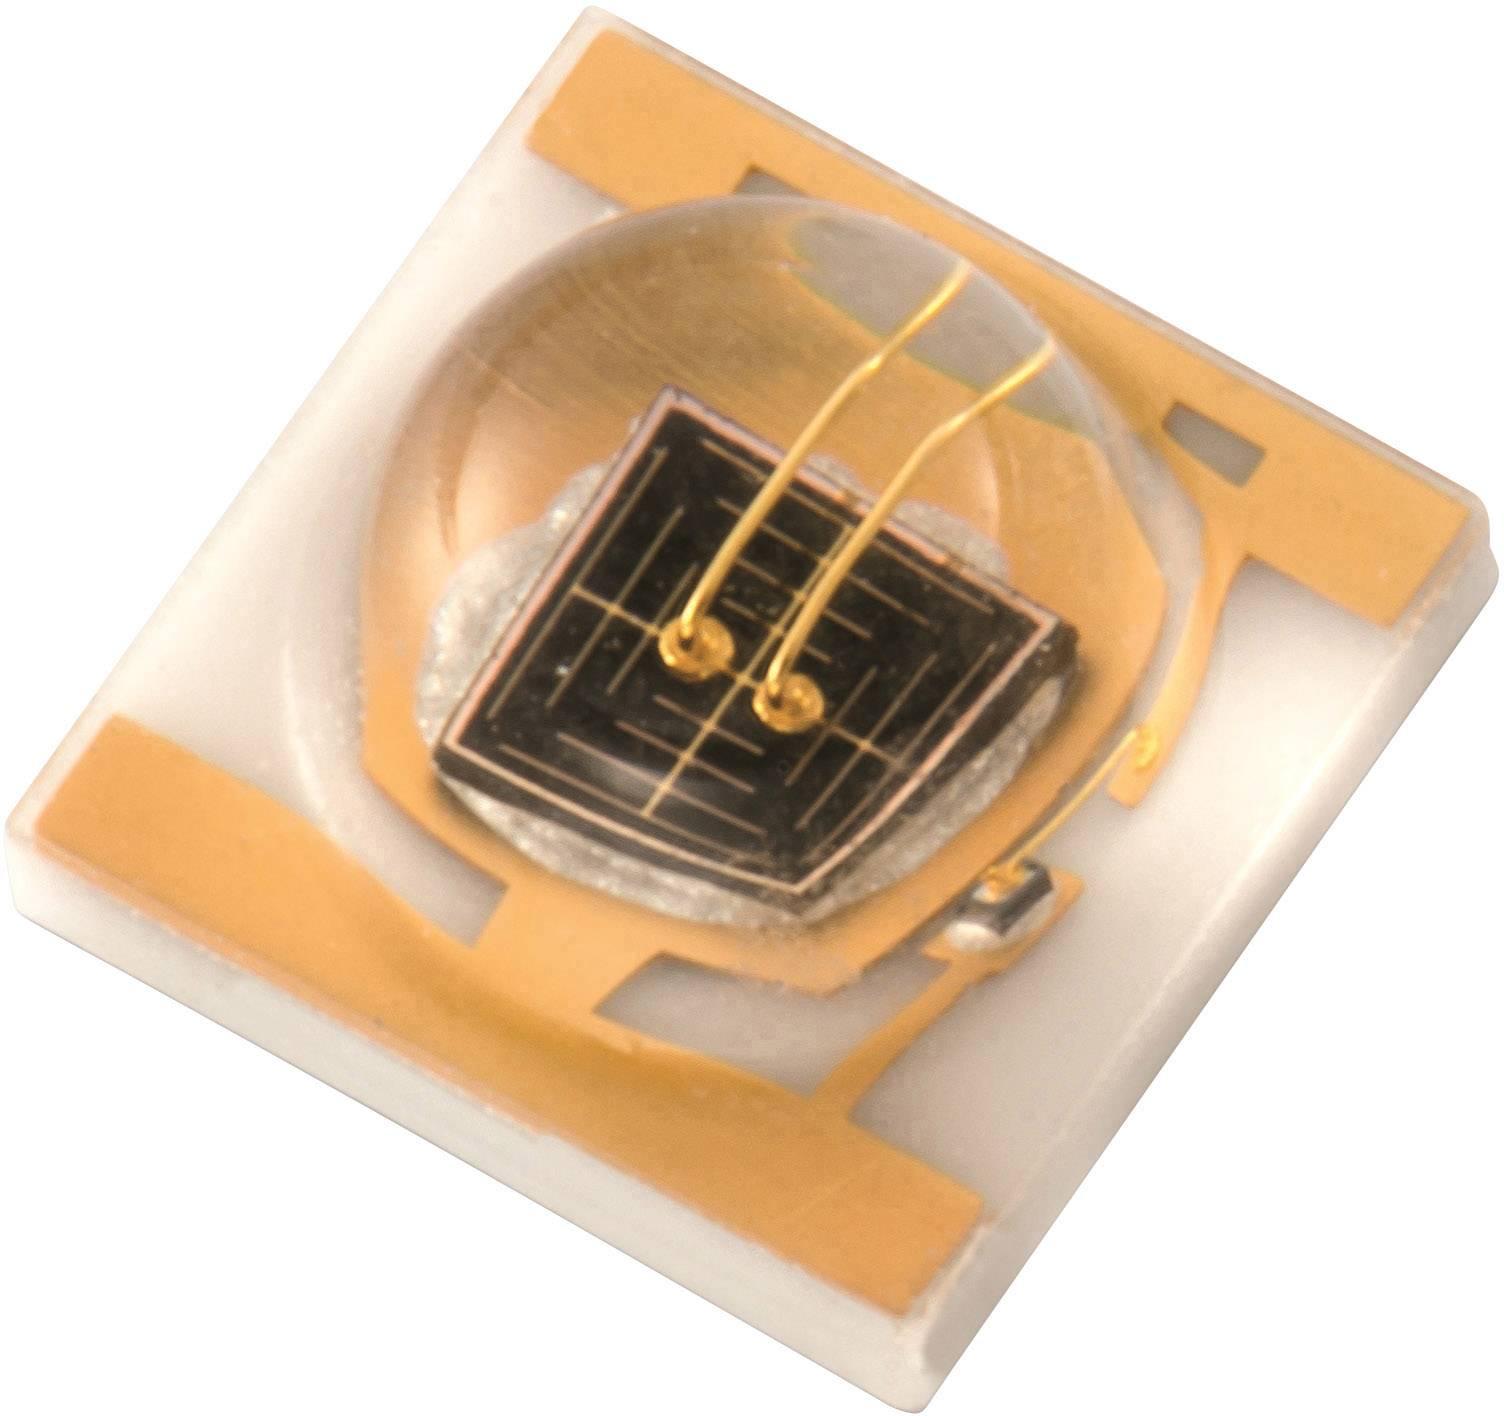 IR reflektor Würth Elektronik 15435385A9050, 15435385A9050, 850 nm, 90 °, 3.45 x 3.45 mm, 3535, SMD